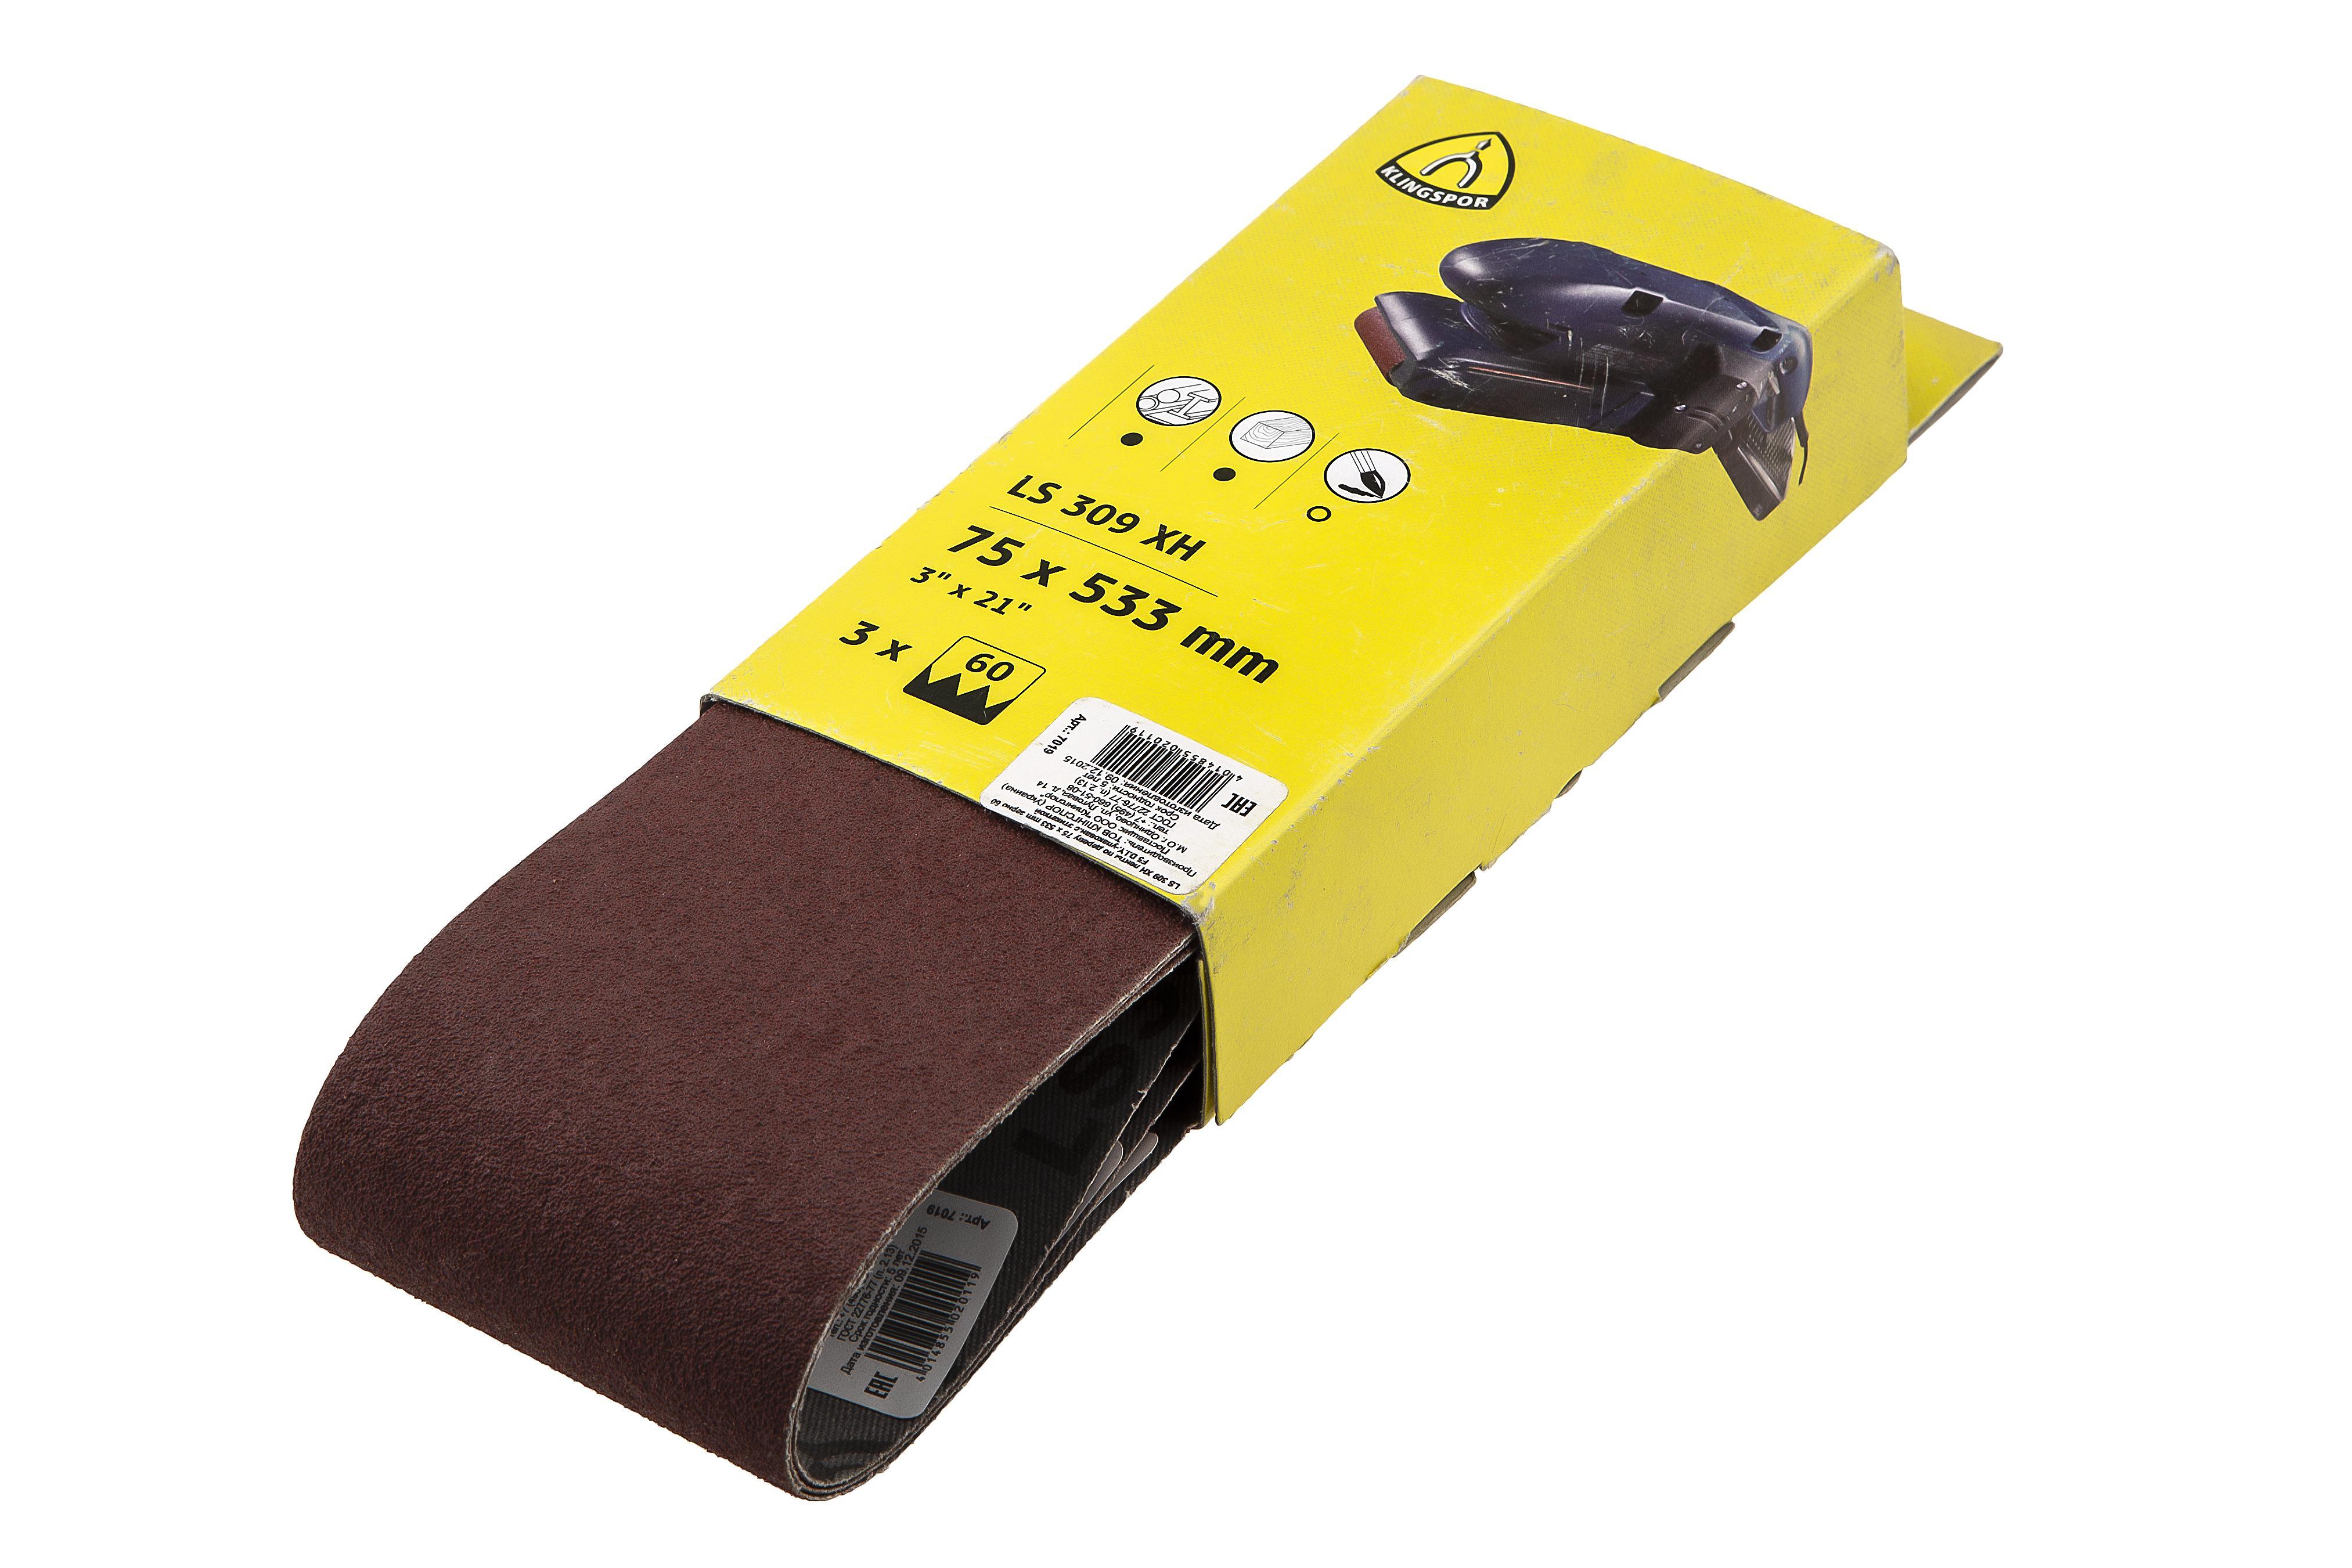 Лента шлифовальная бесконечная Klingspor Ls 309 xh 75 x 533 p60 3шт. лента шлифовальная бесконечная hammer flex 75 х 533 р 60 3шт